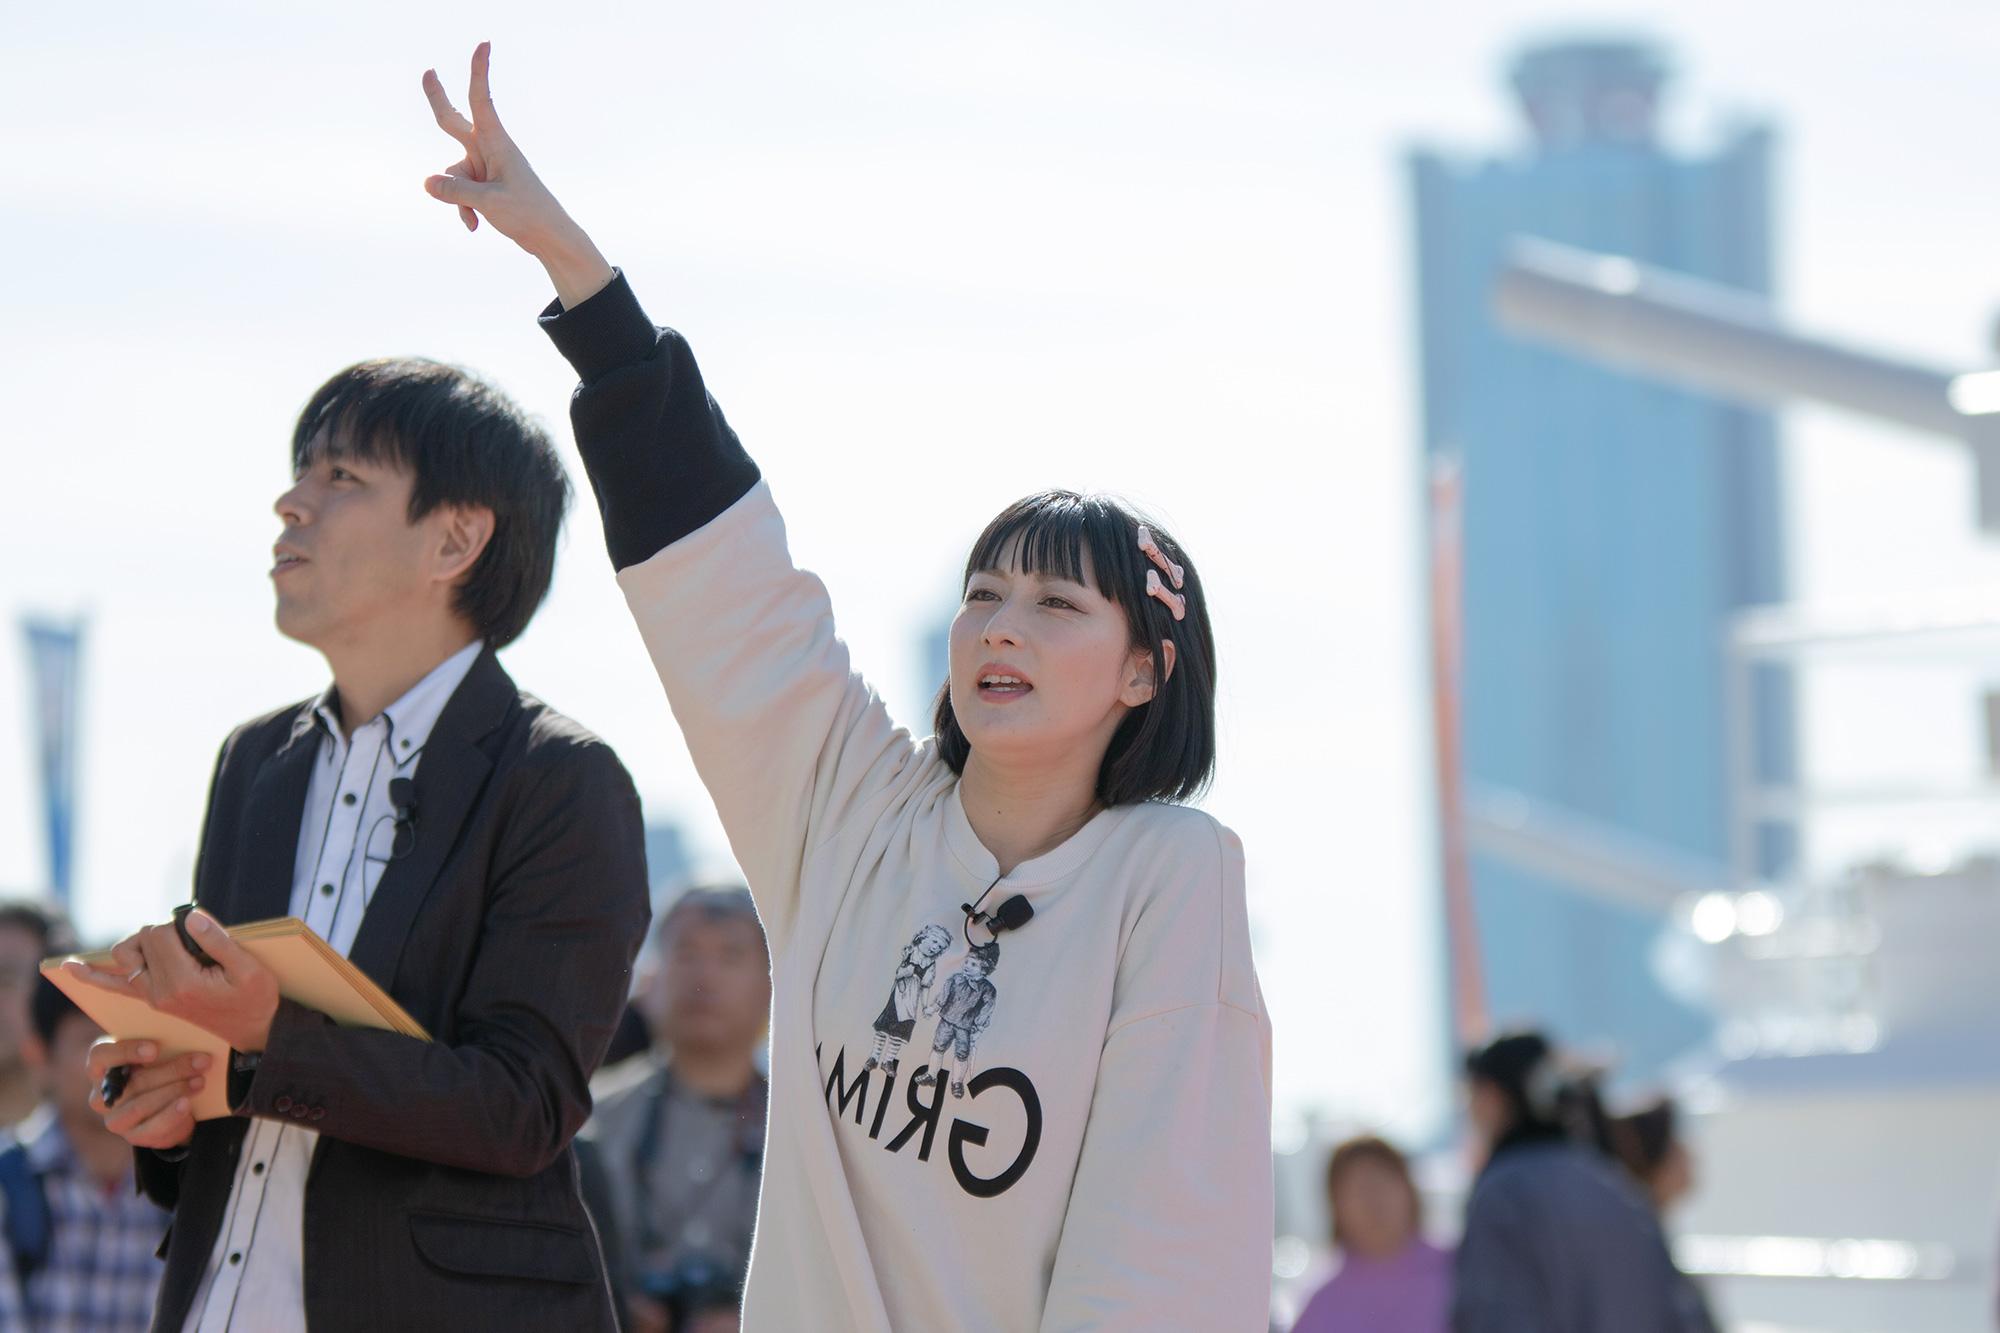 第12回MINATO天保山まつり(大阪市港区)2019.11.10 鳥居みゆき